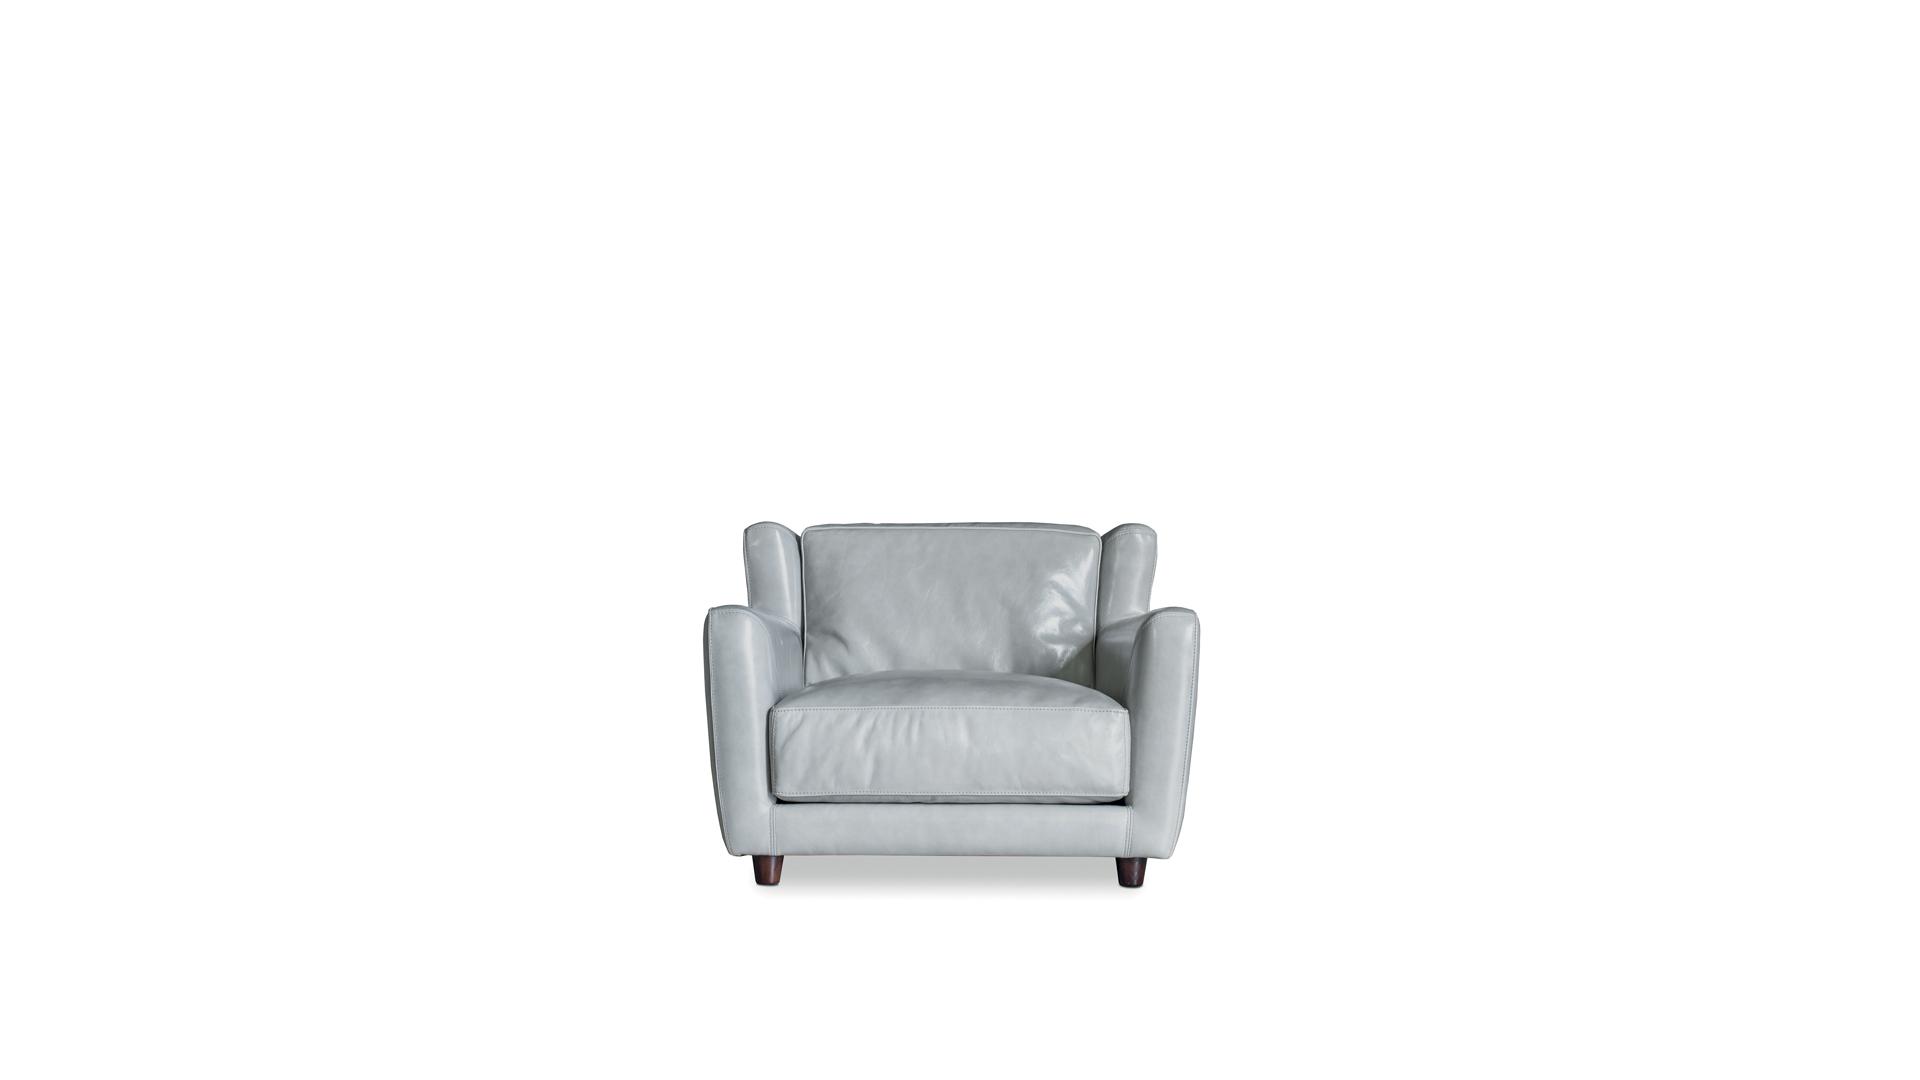 Bergere longe armchair 2.jpg